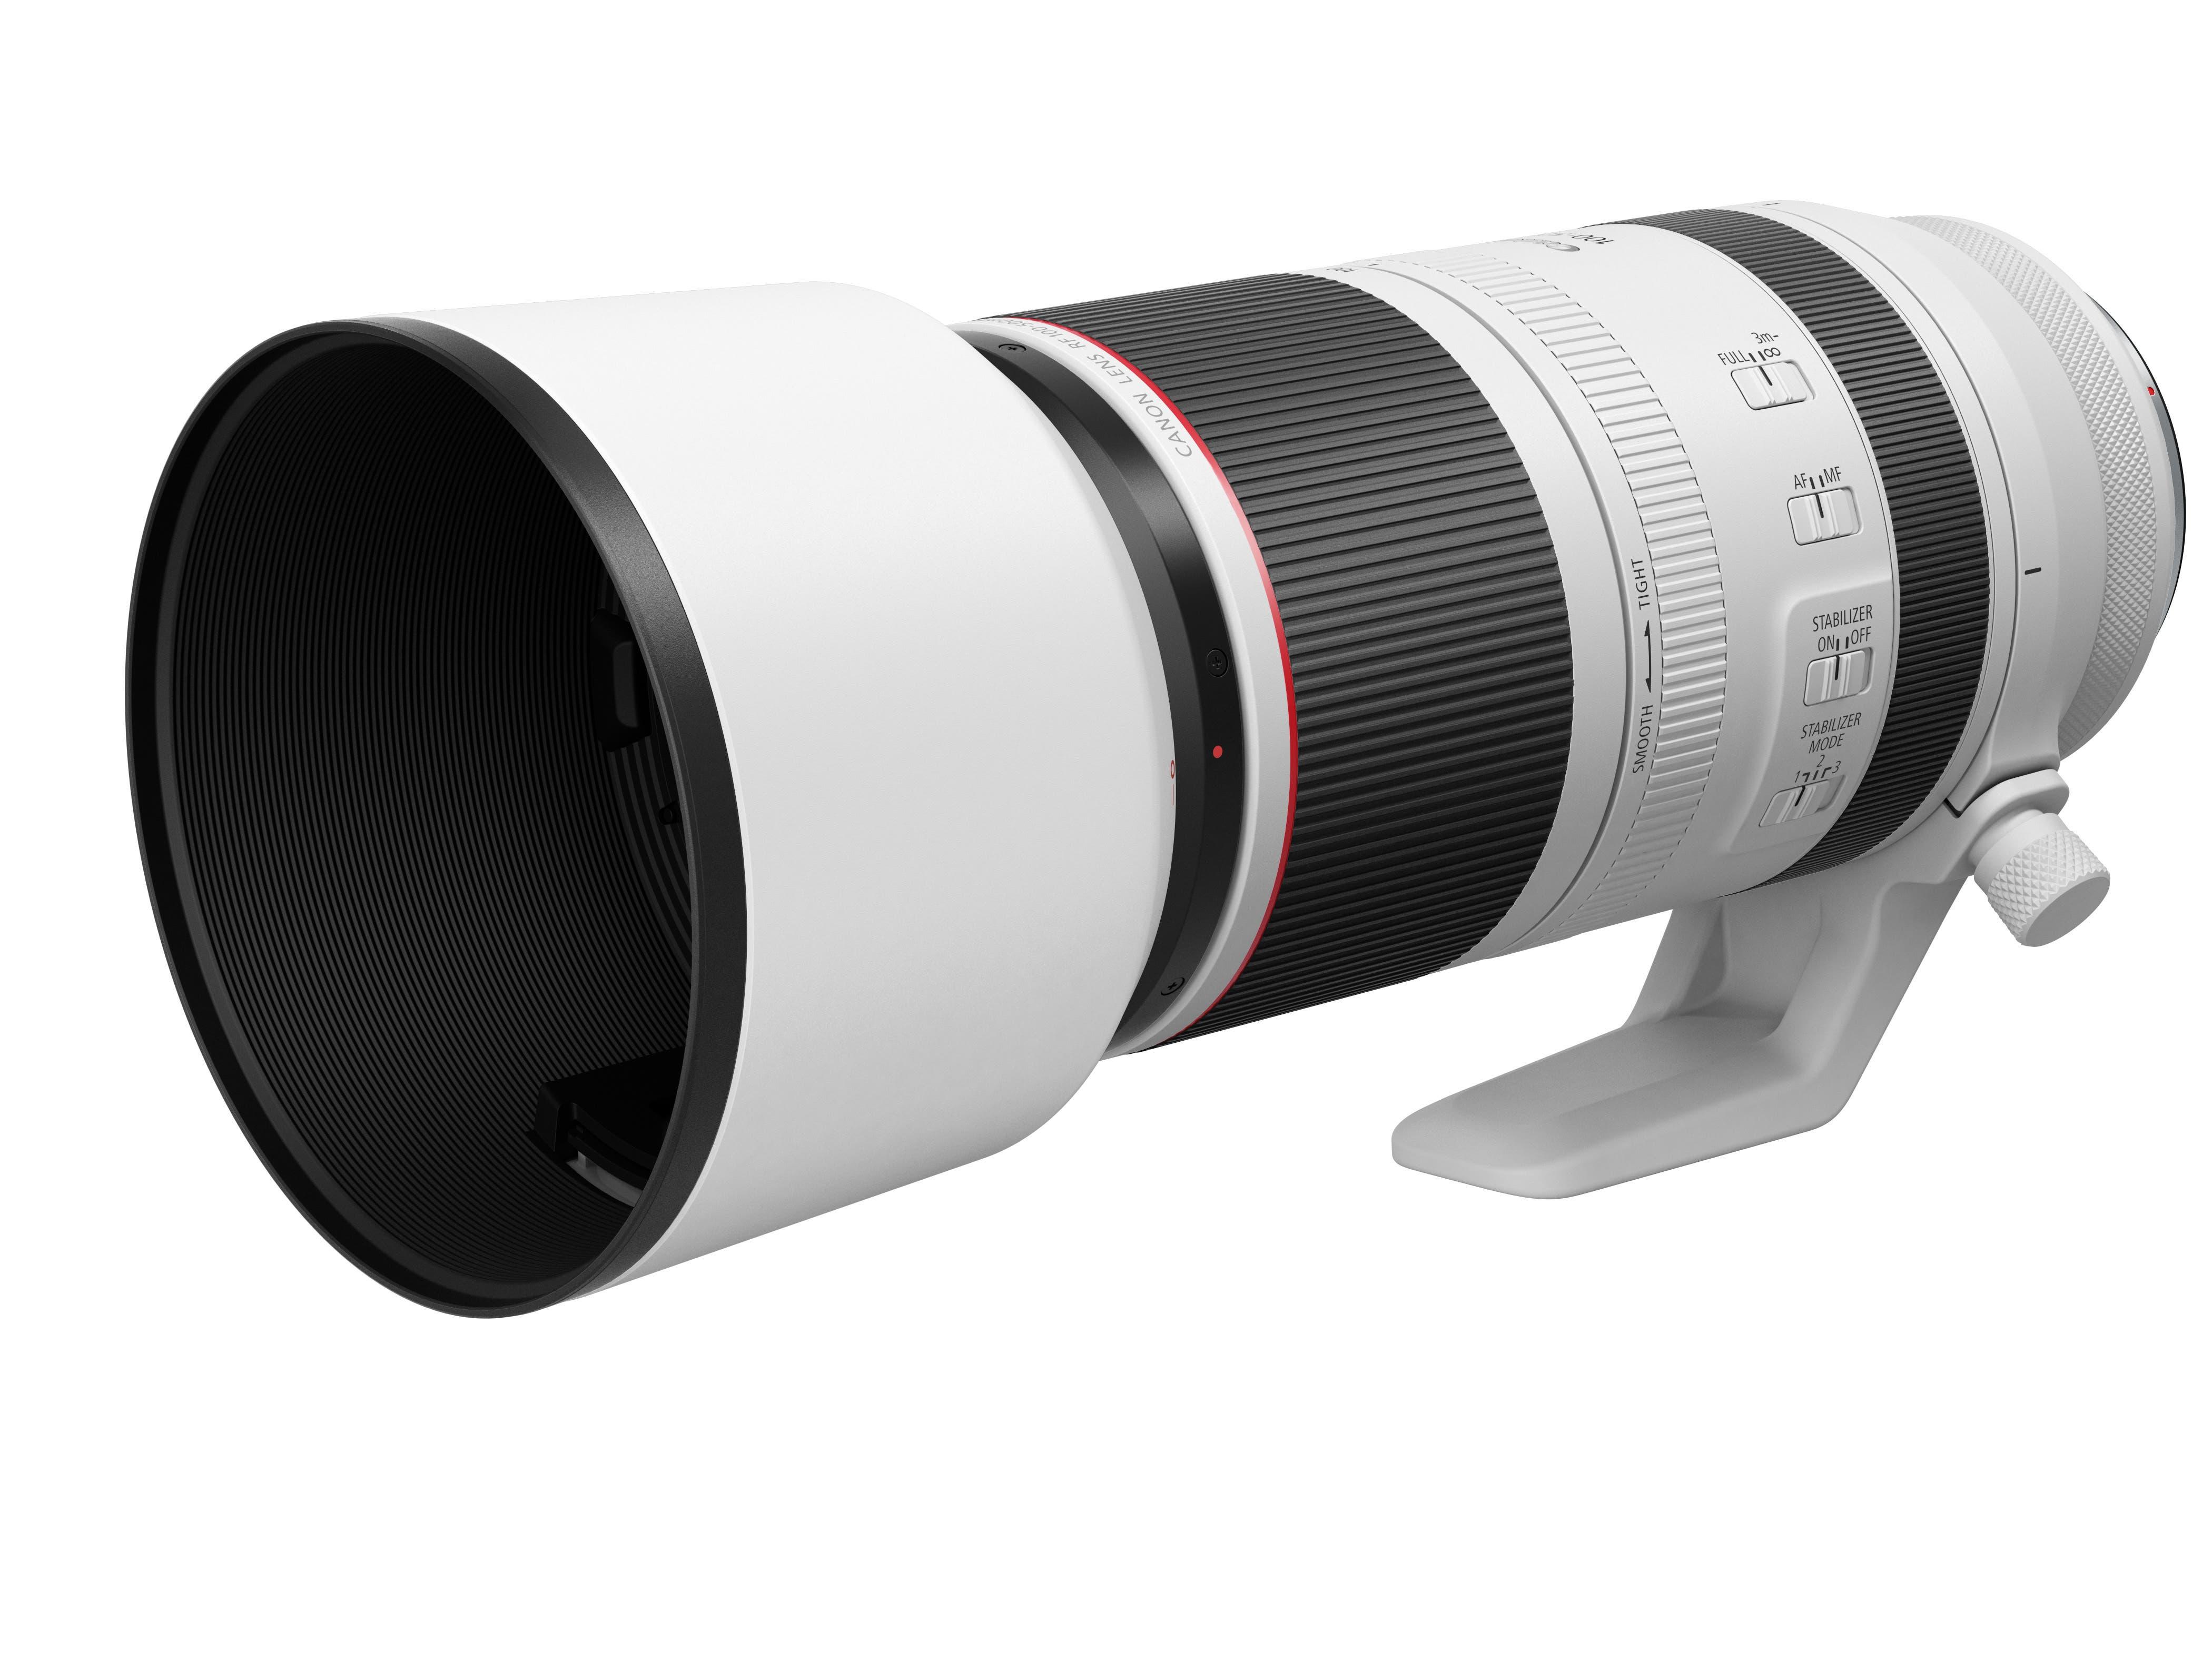 RF 100-500 mm f/4,5-7,1L IS USM